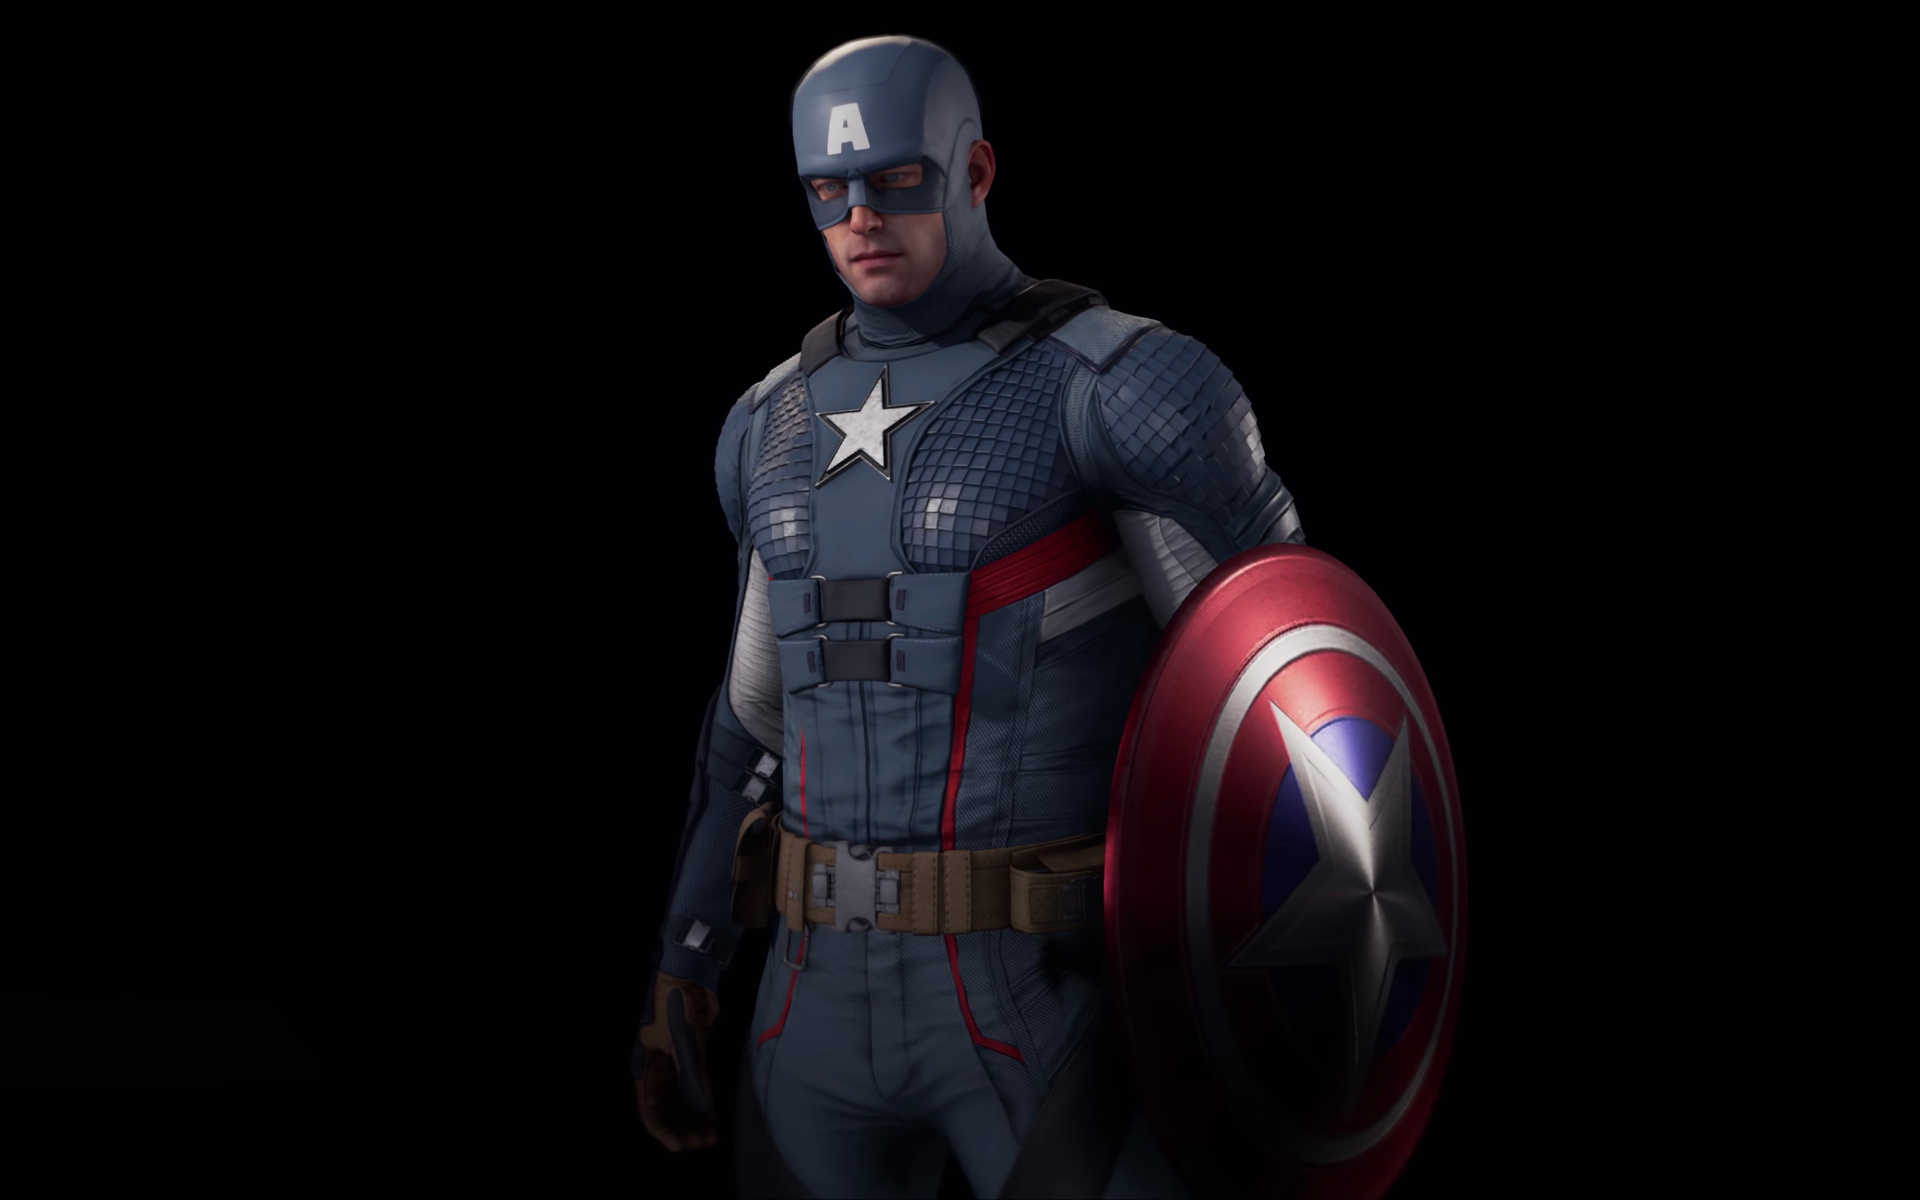 marvels-avenger-captain-america-5k-nl.jpg